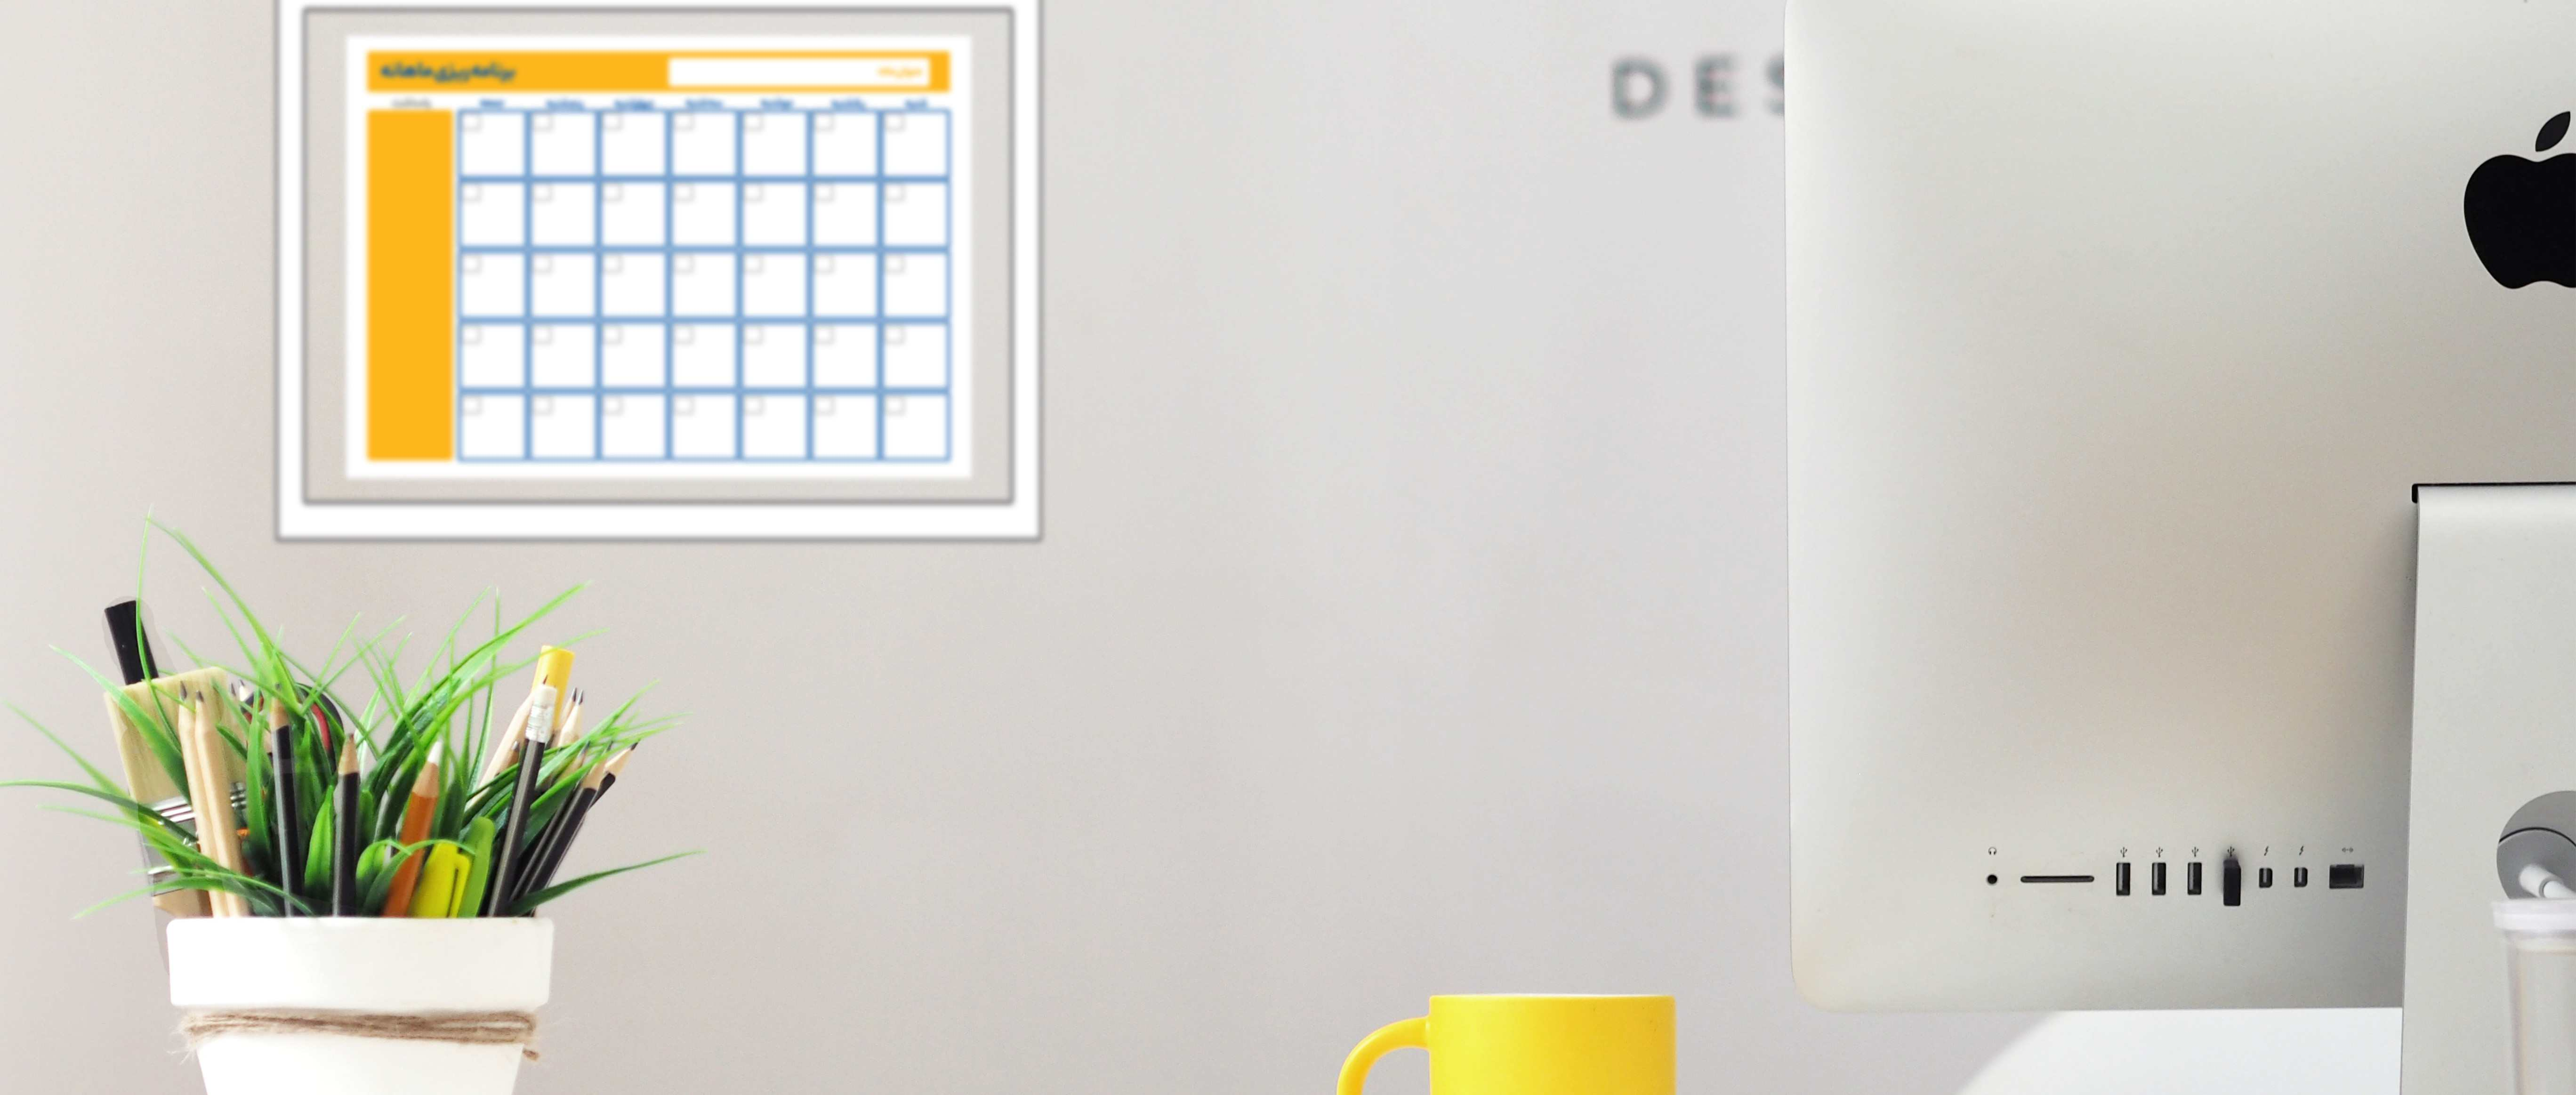 تخته برنامه ریزی ماهانه و هفتگی خودت رو بساز!